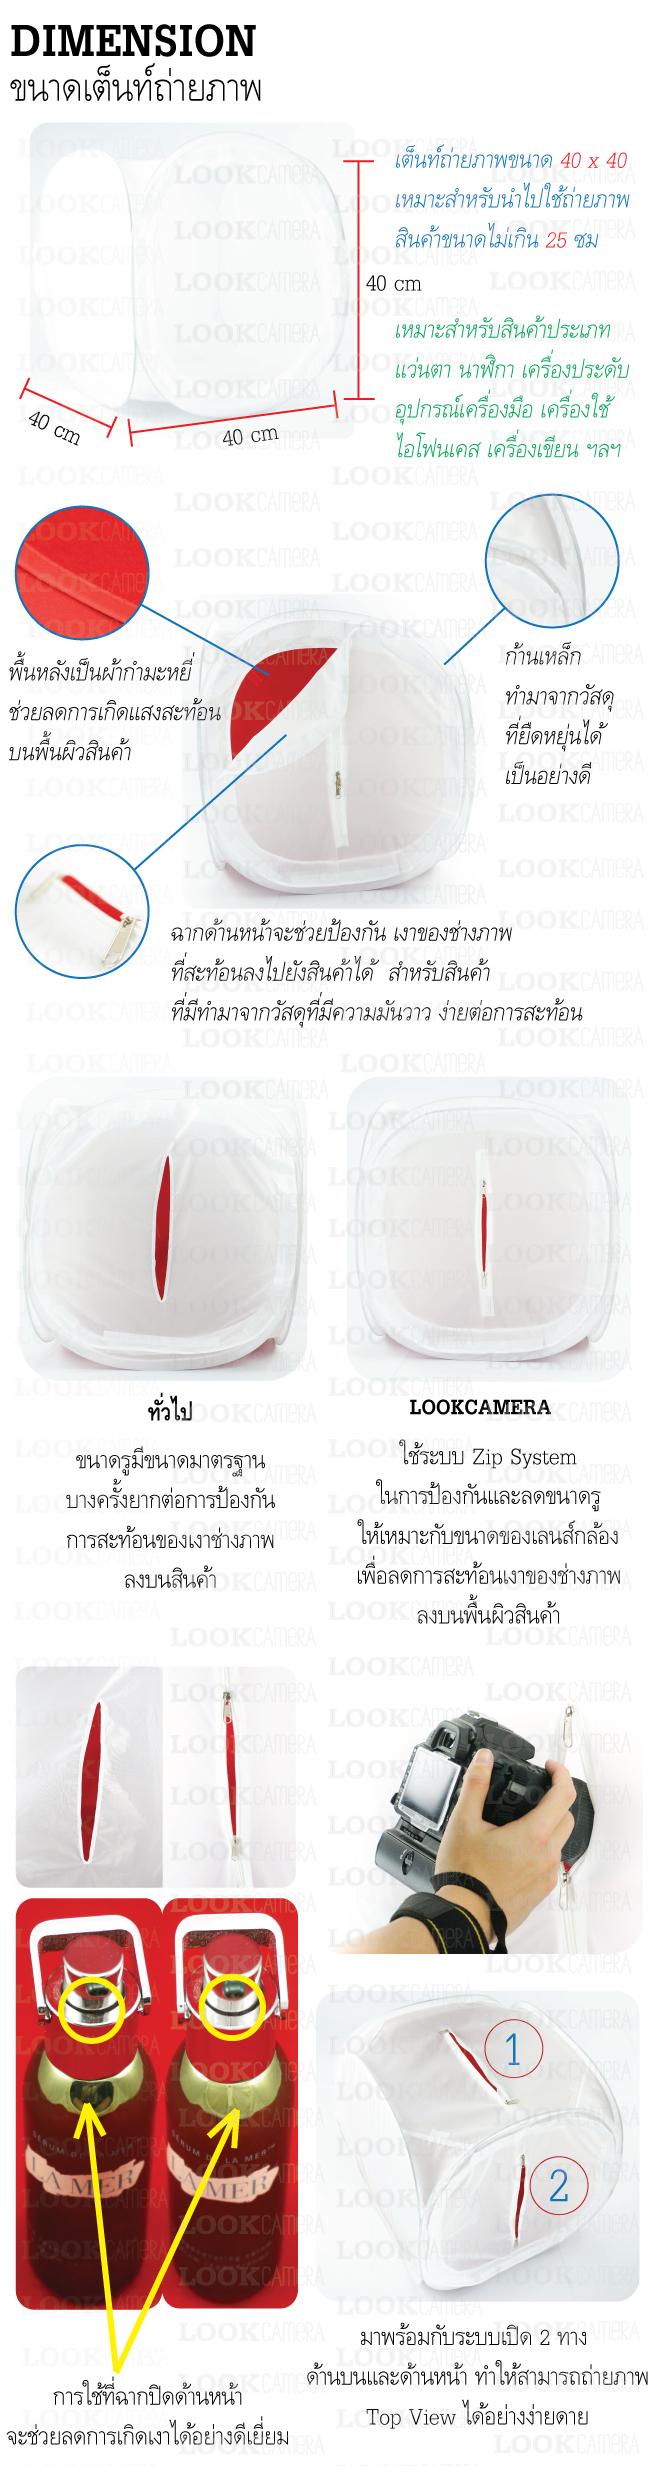 Lookcamera studio tent 4040 p2